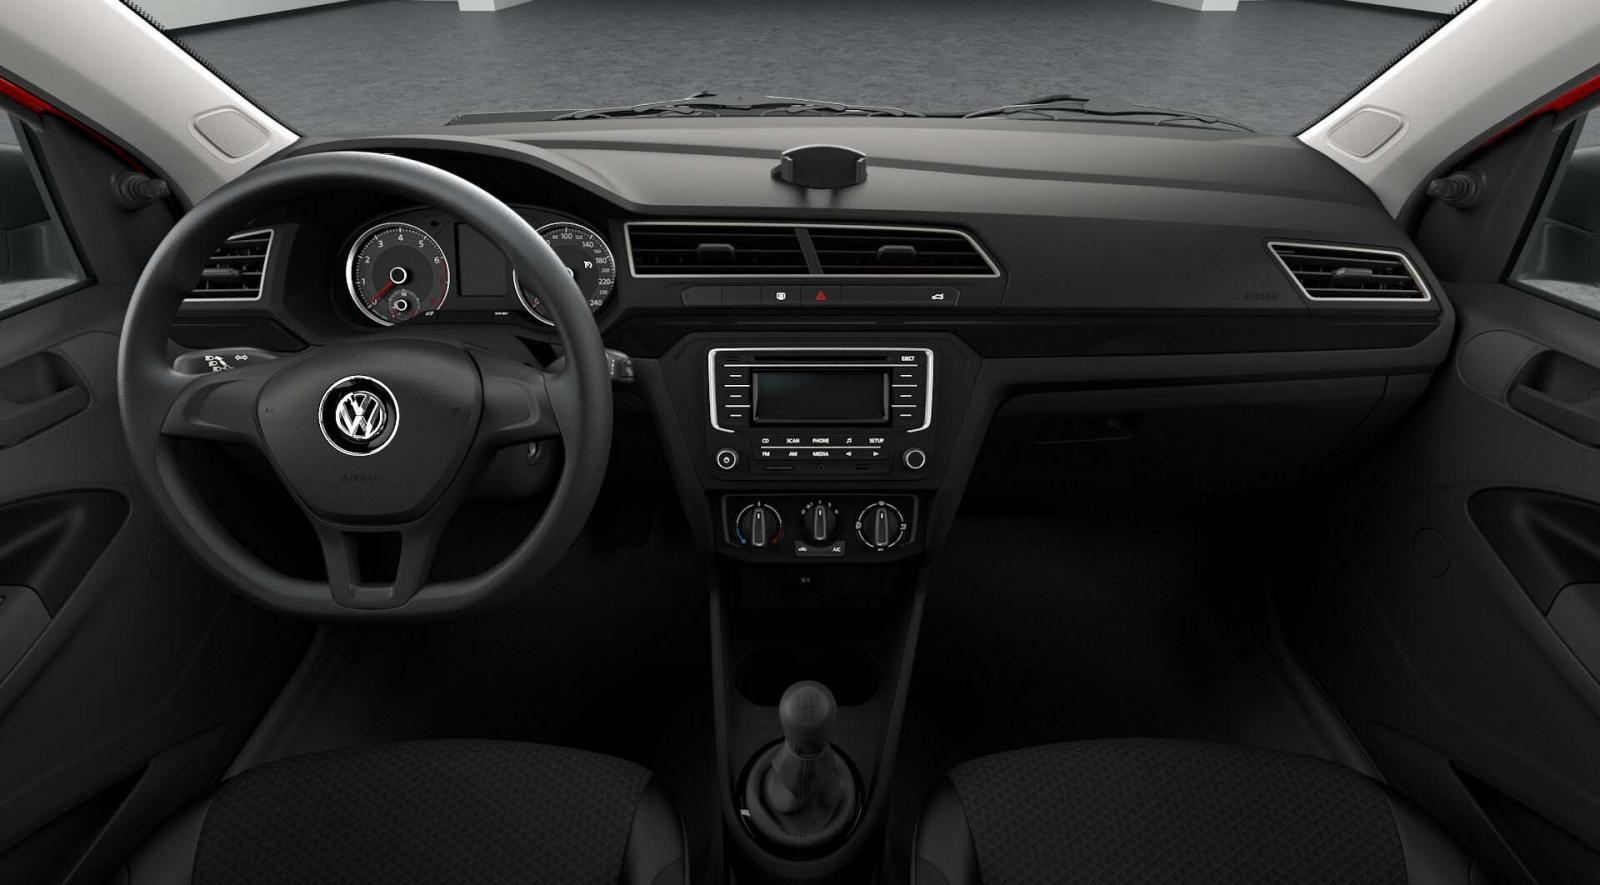 En el interior del Volkswagen Gol 2019 podemos observar que se mantiene con la misma configuración